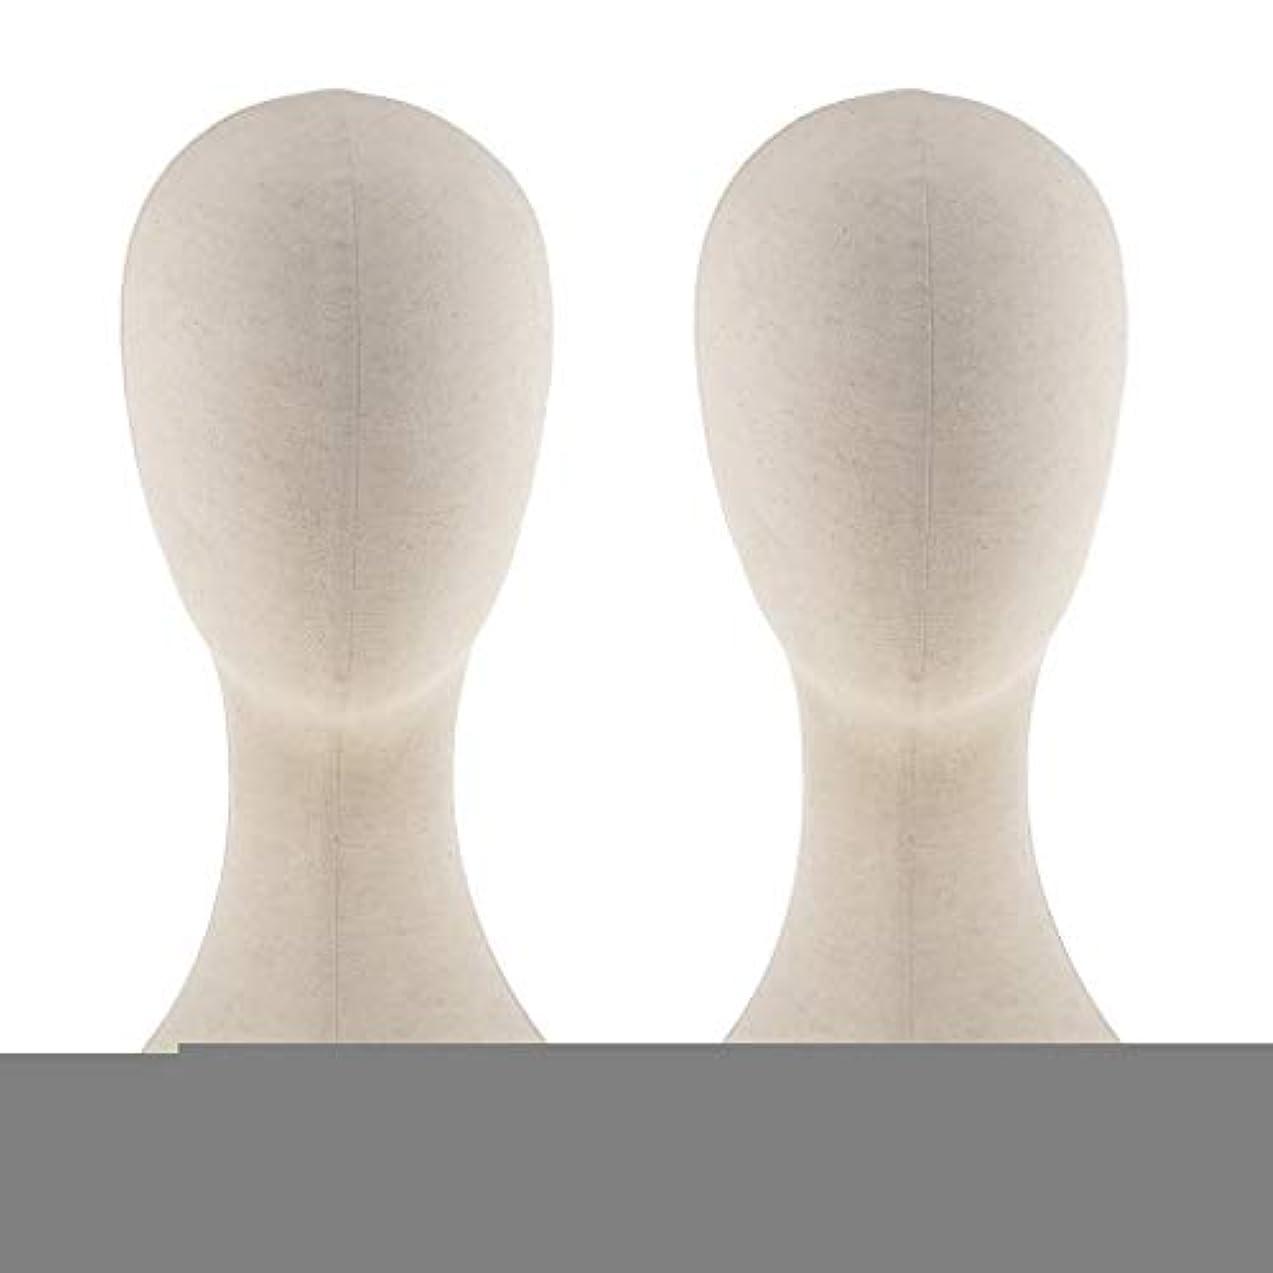 クリップ調査クスクスT TOOYFUL キャンバス マネキン ヘッド トルソー 頭 カット練習 頭部 女性 ウィッグマネキン ウィッグスタンド2個